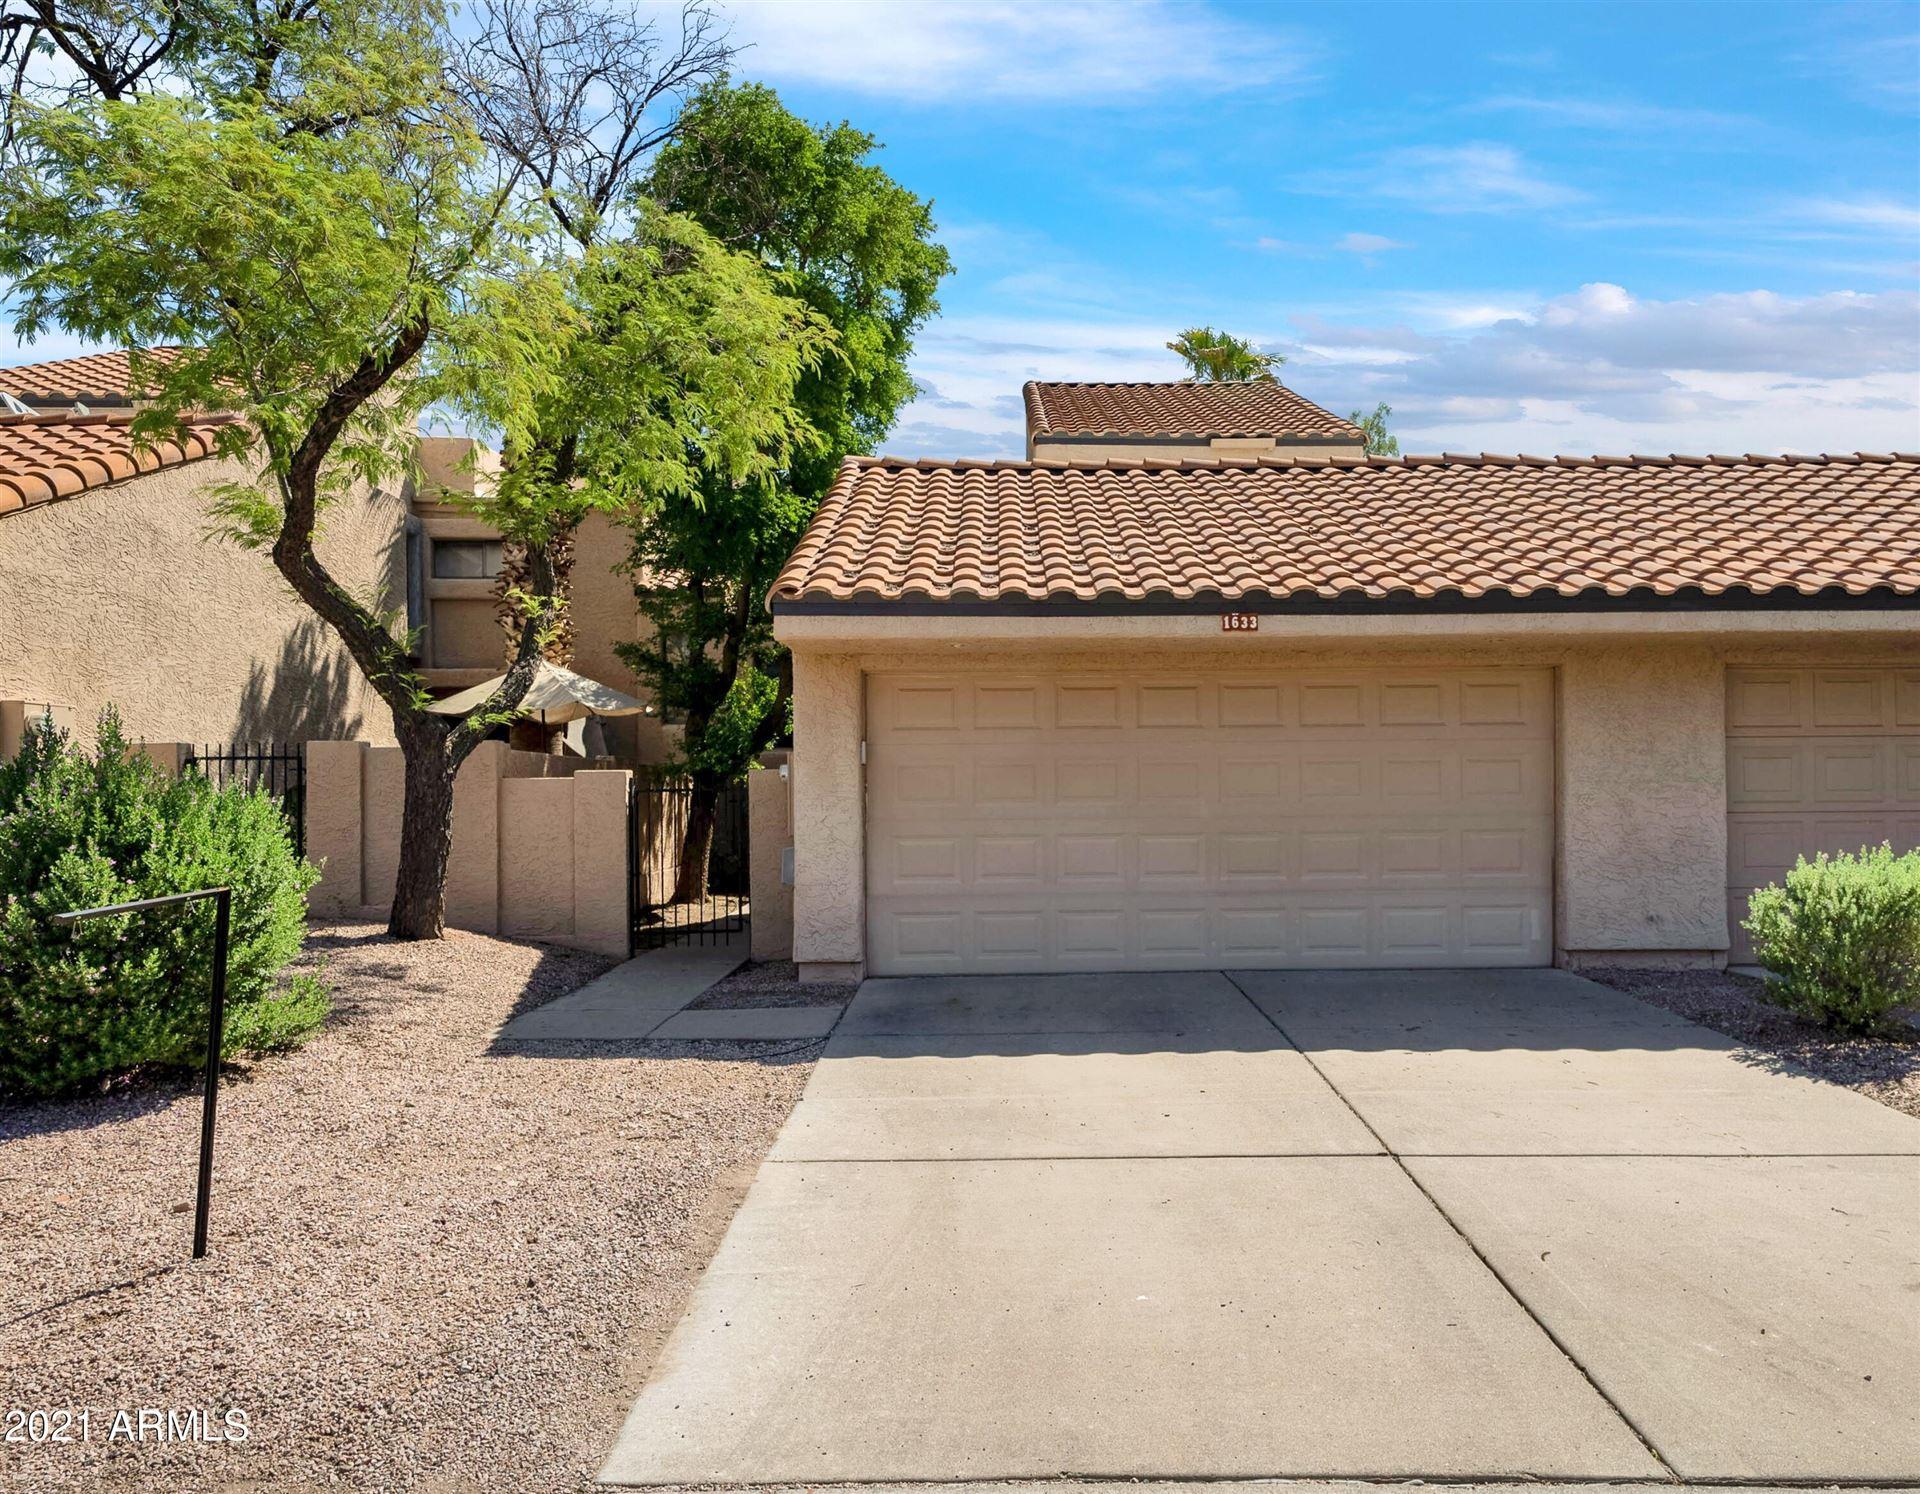 Photo of 1633 N EL CAMINO Drive, Tempe, AZ 85281 (MLS # 6268682)